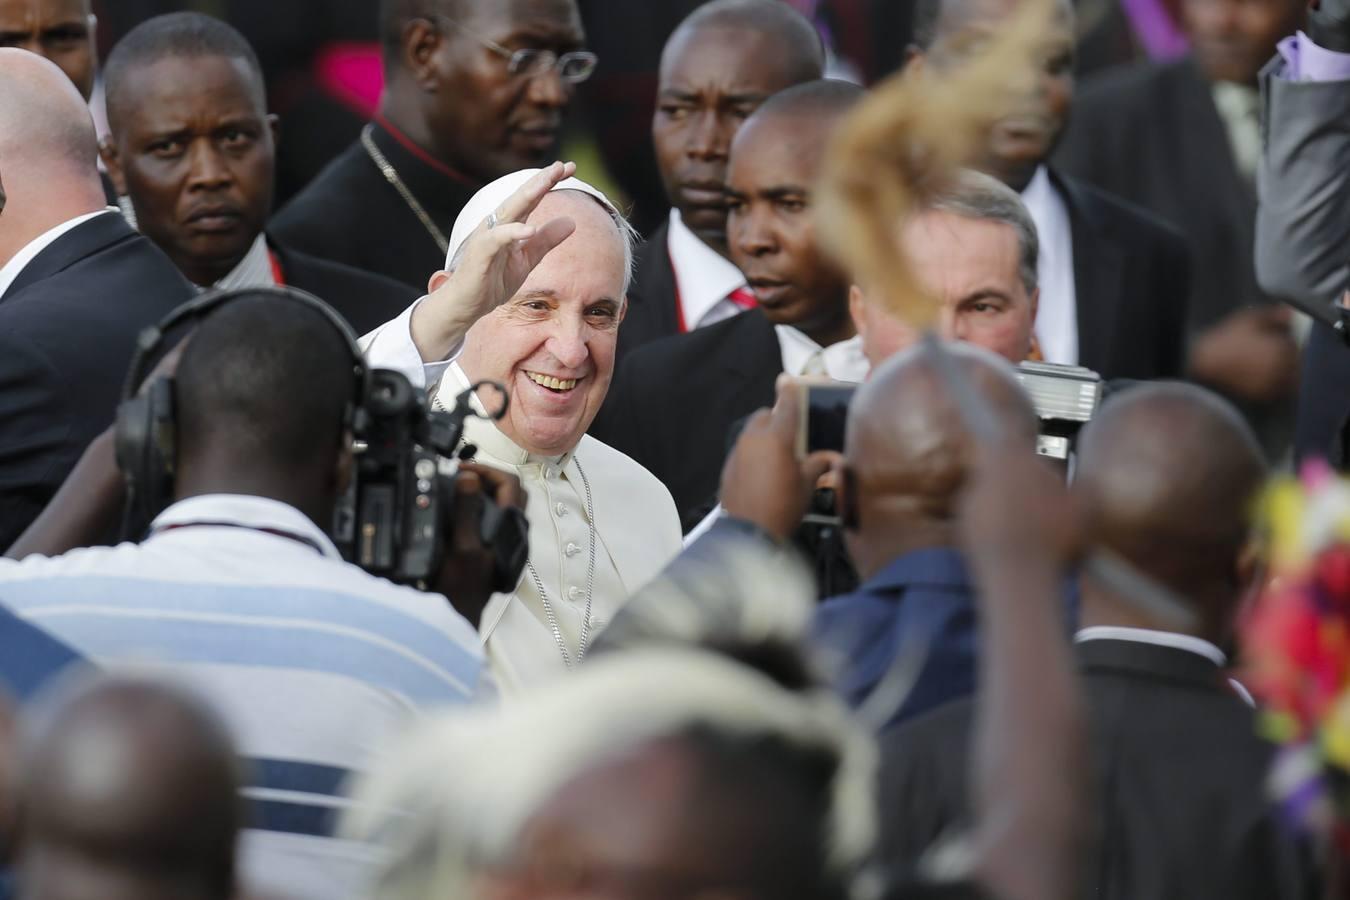 Las mejores imágenes del viaje del Papa Francisco a Kenia